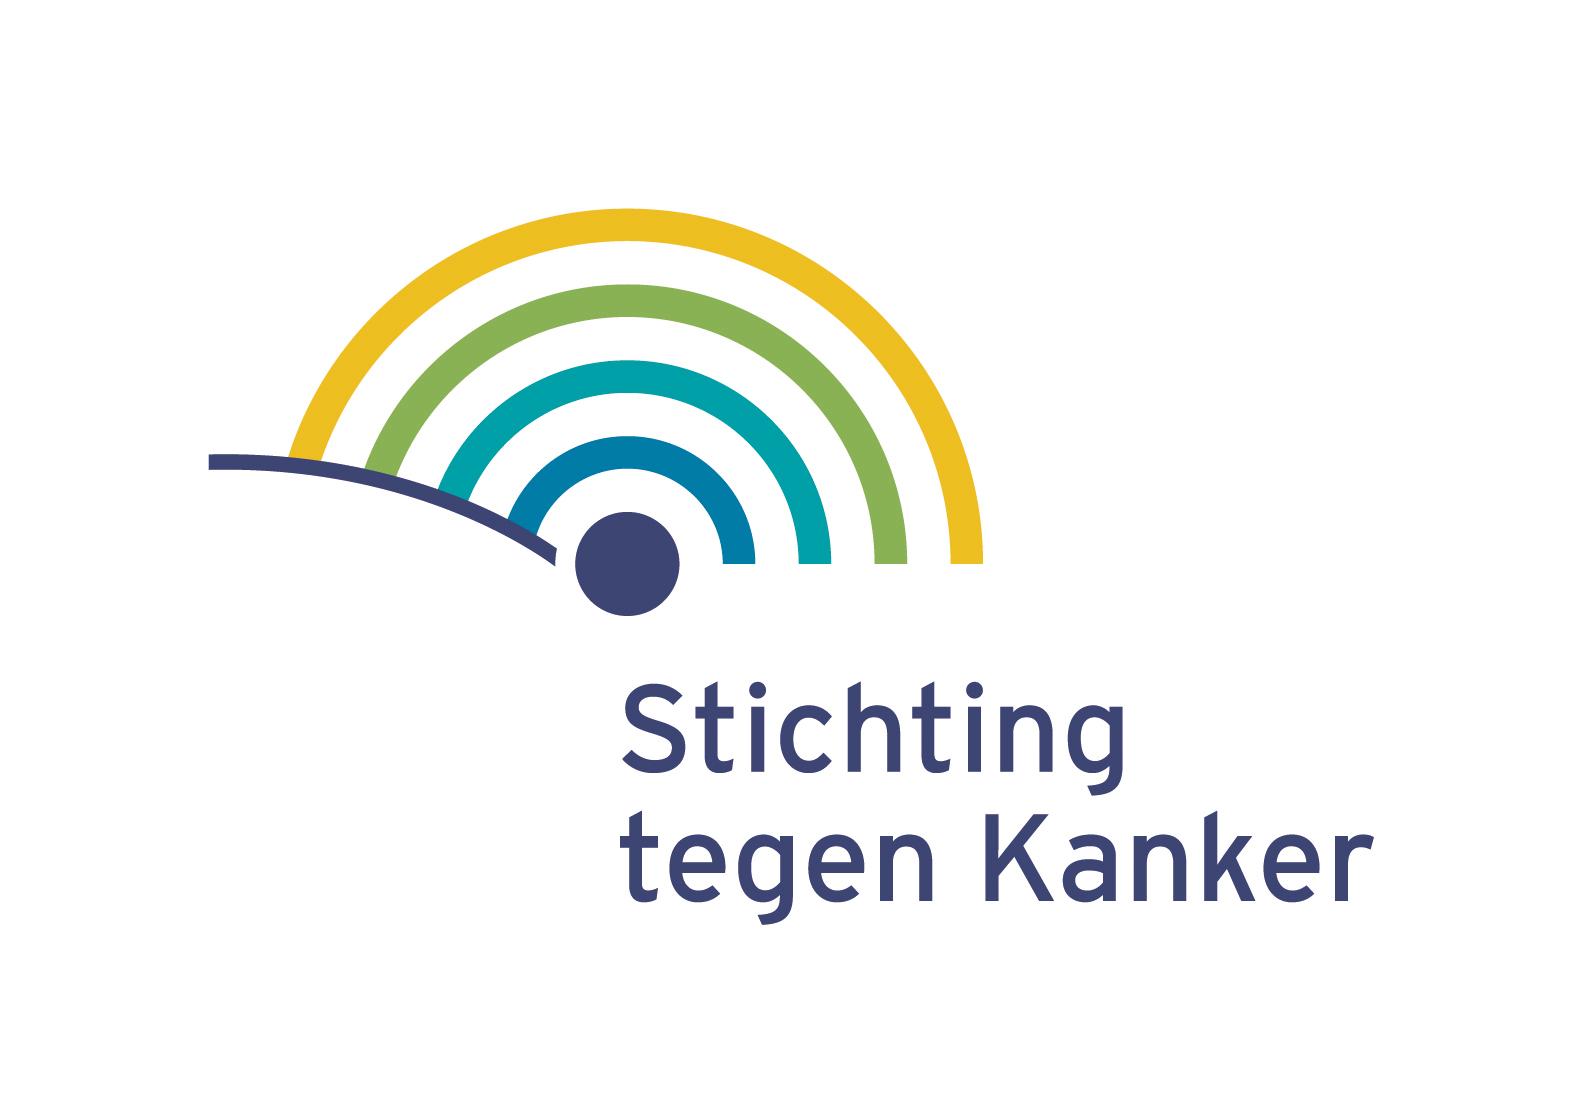 logo-stichting-tegen-kanker.jpg